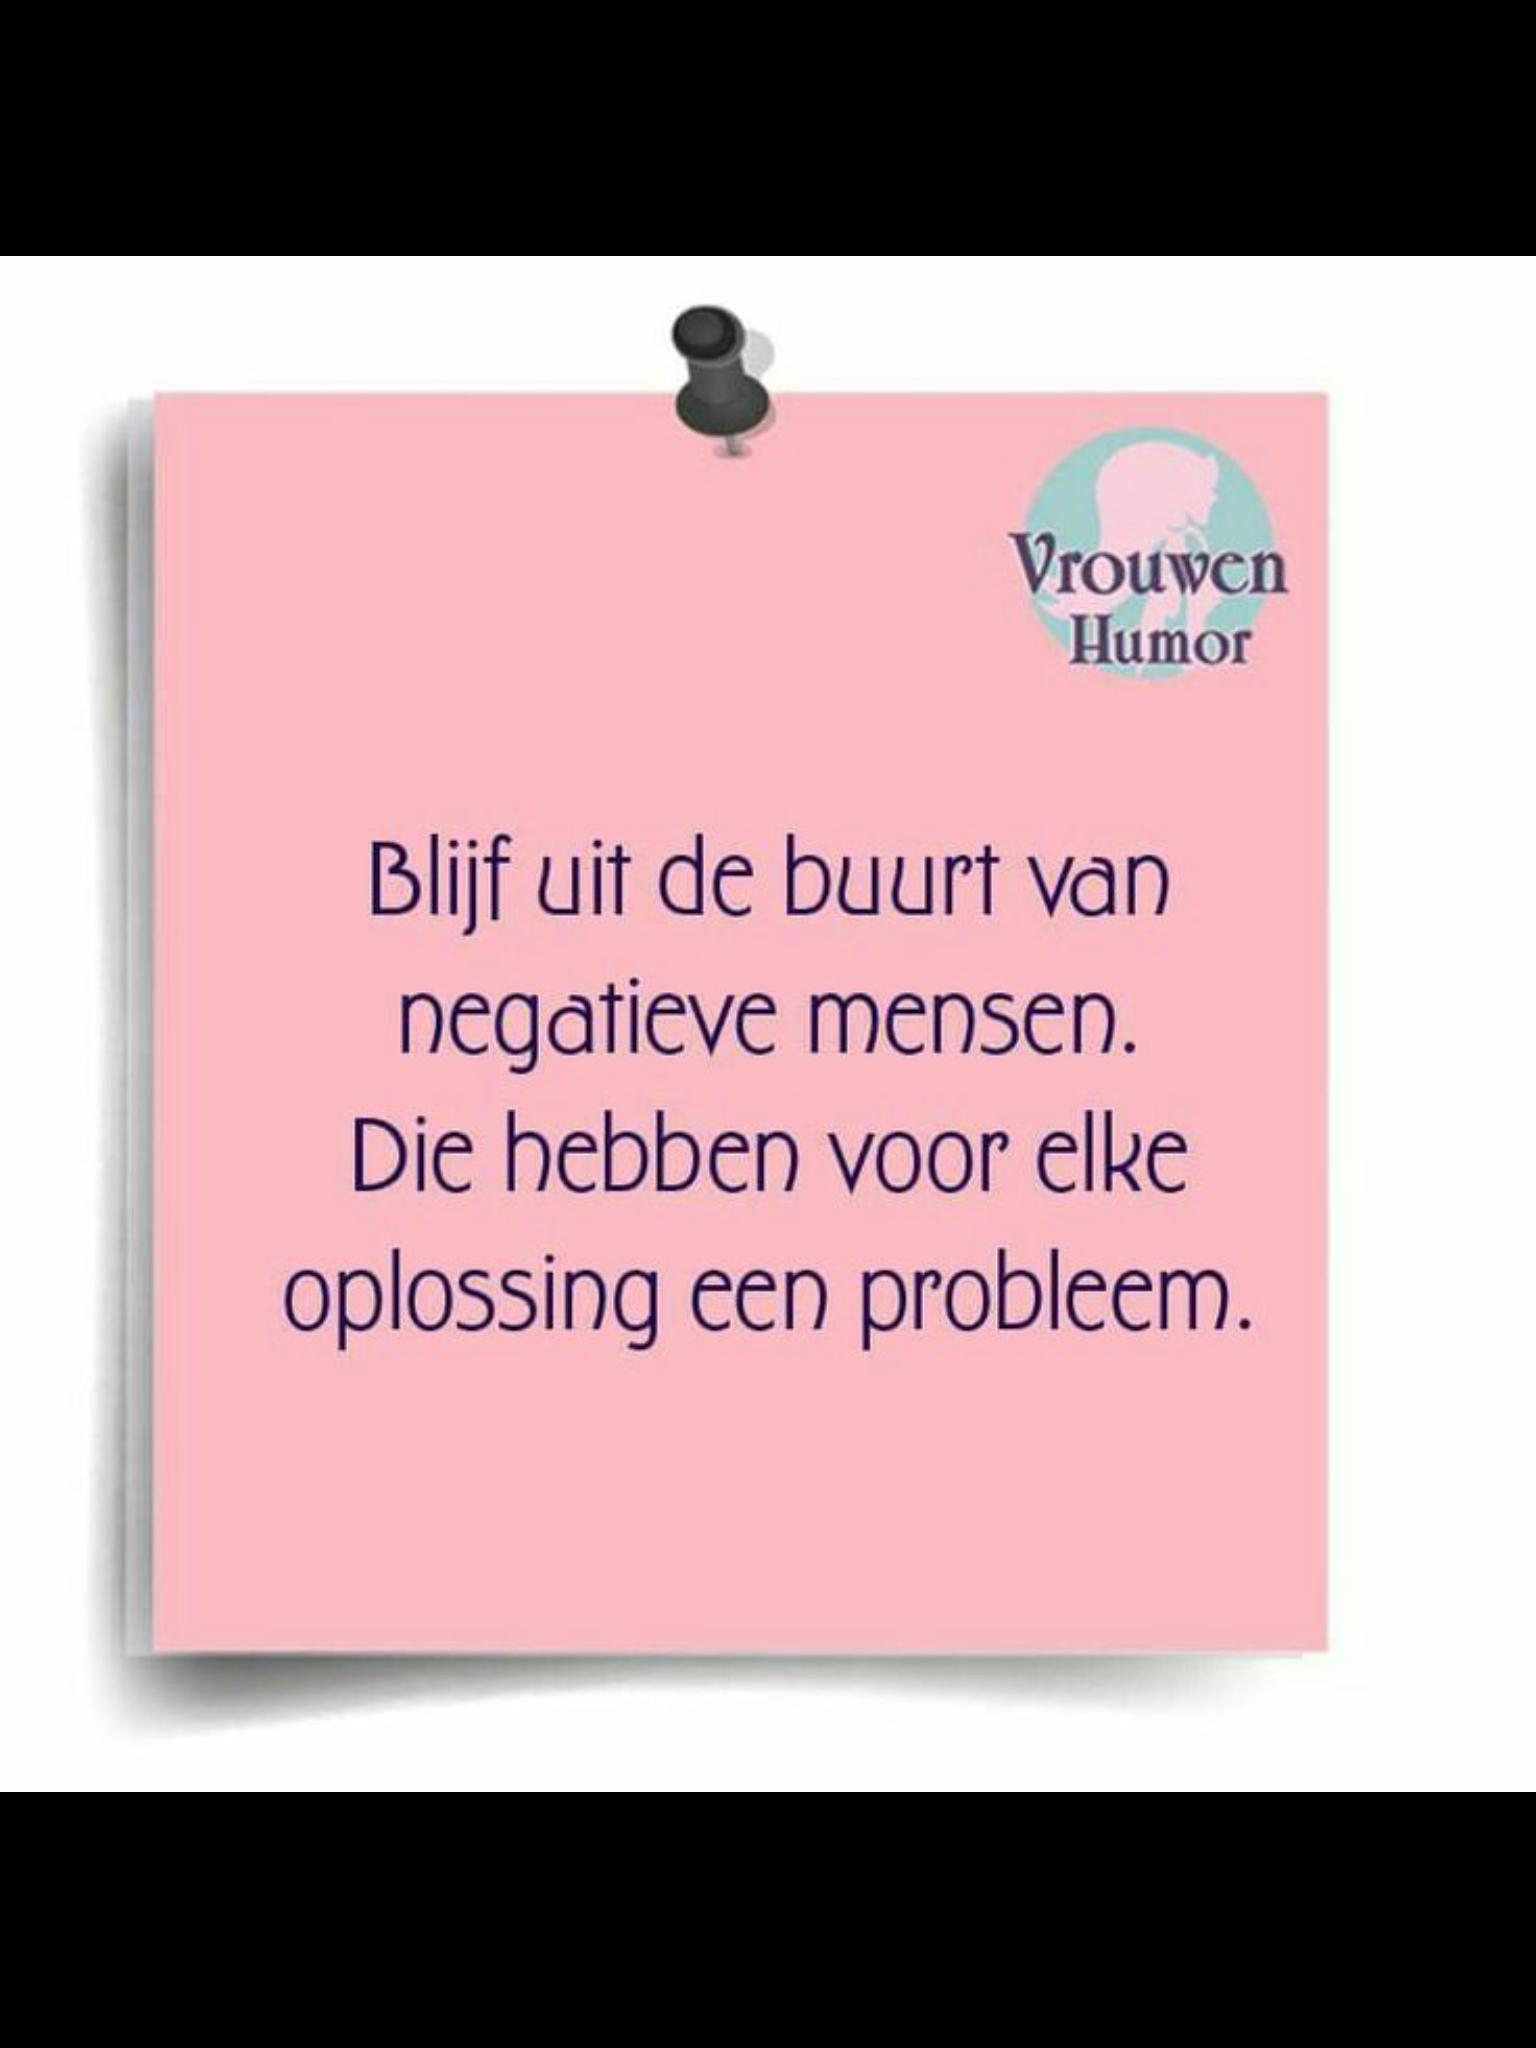 Pin Van Wenneke Op Mooie Teksten Vrouw Humor Grappig En Vrouw